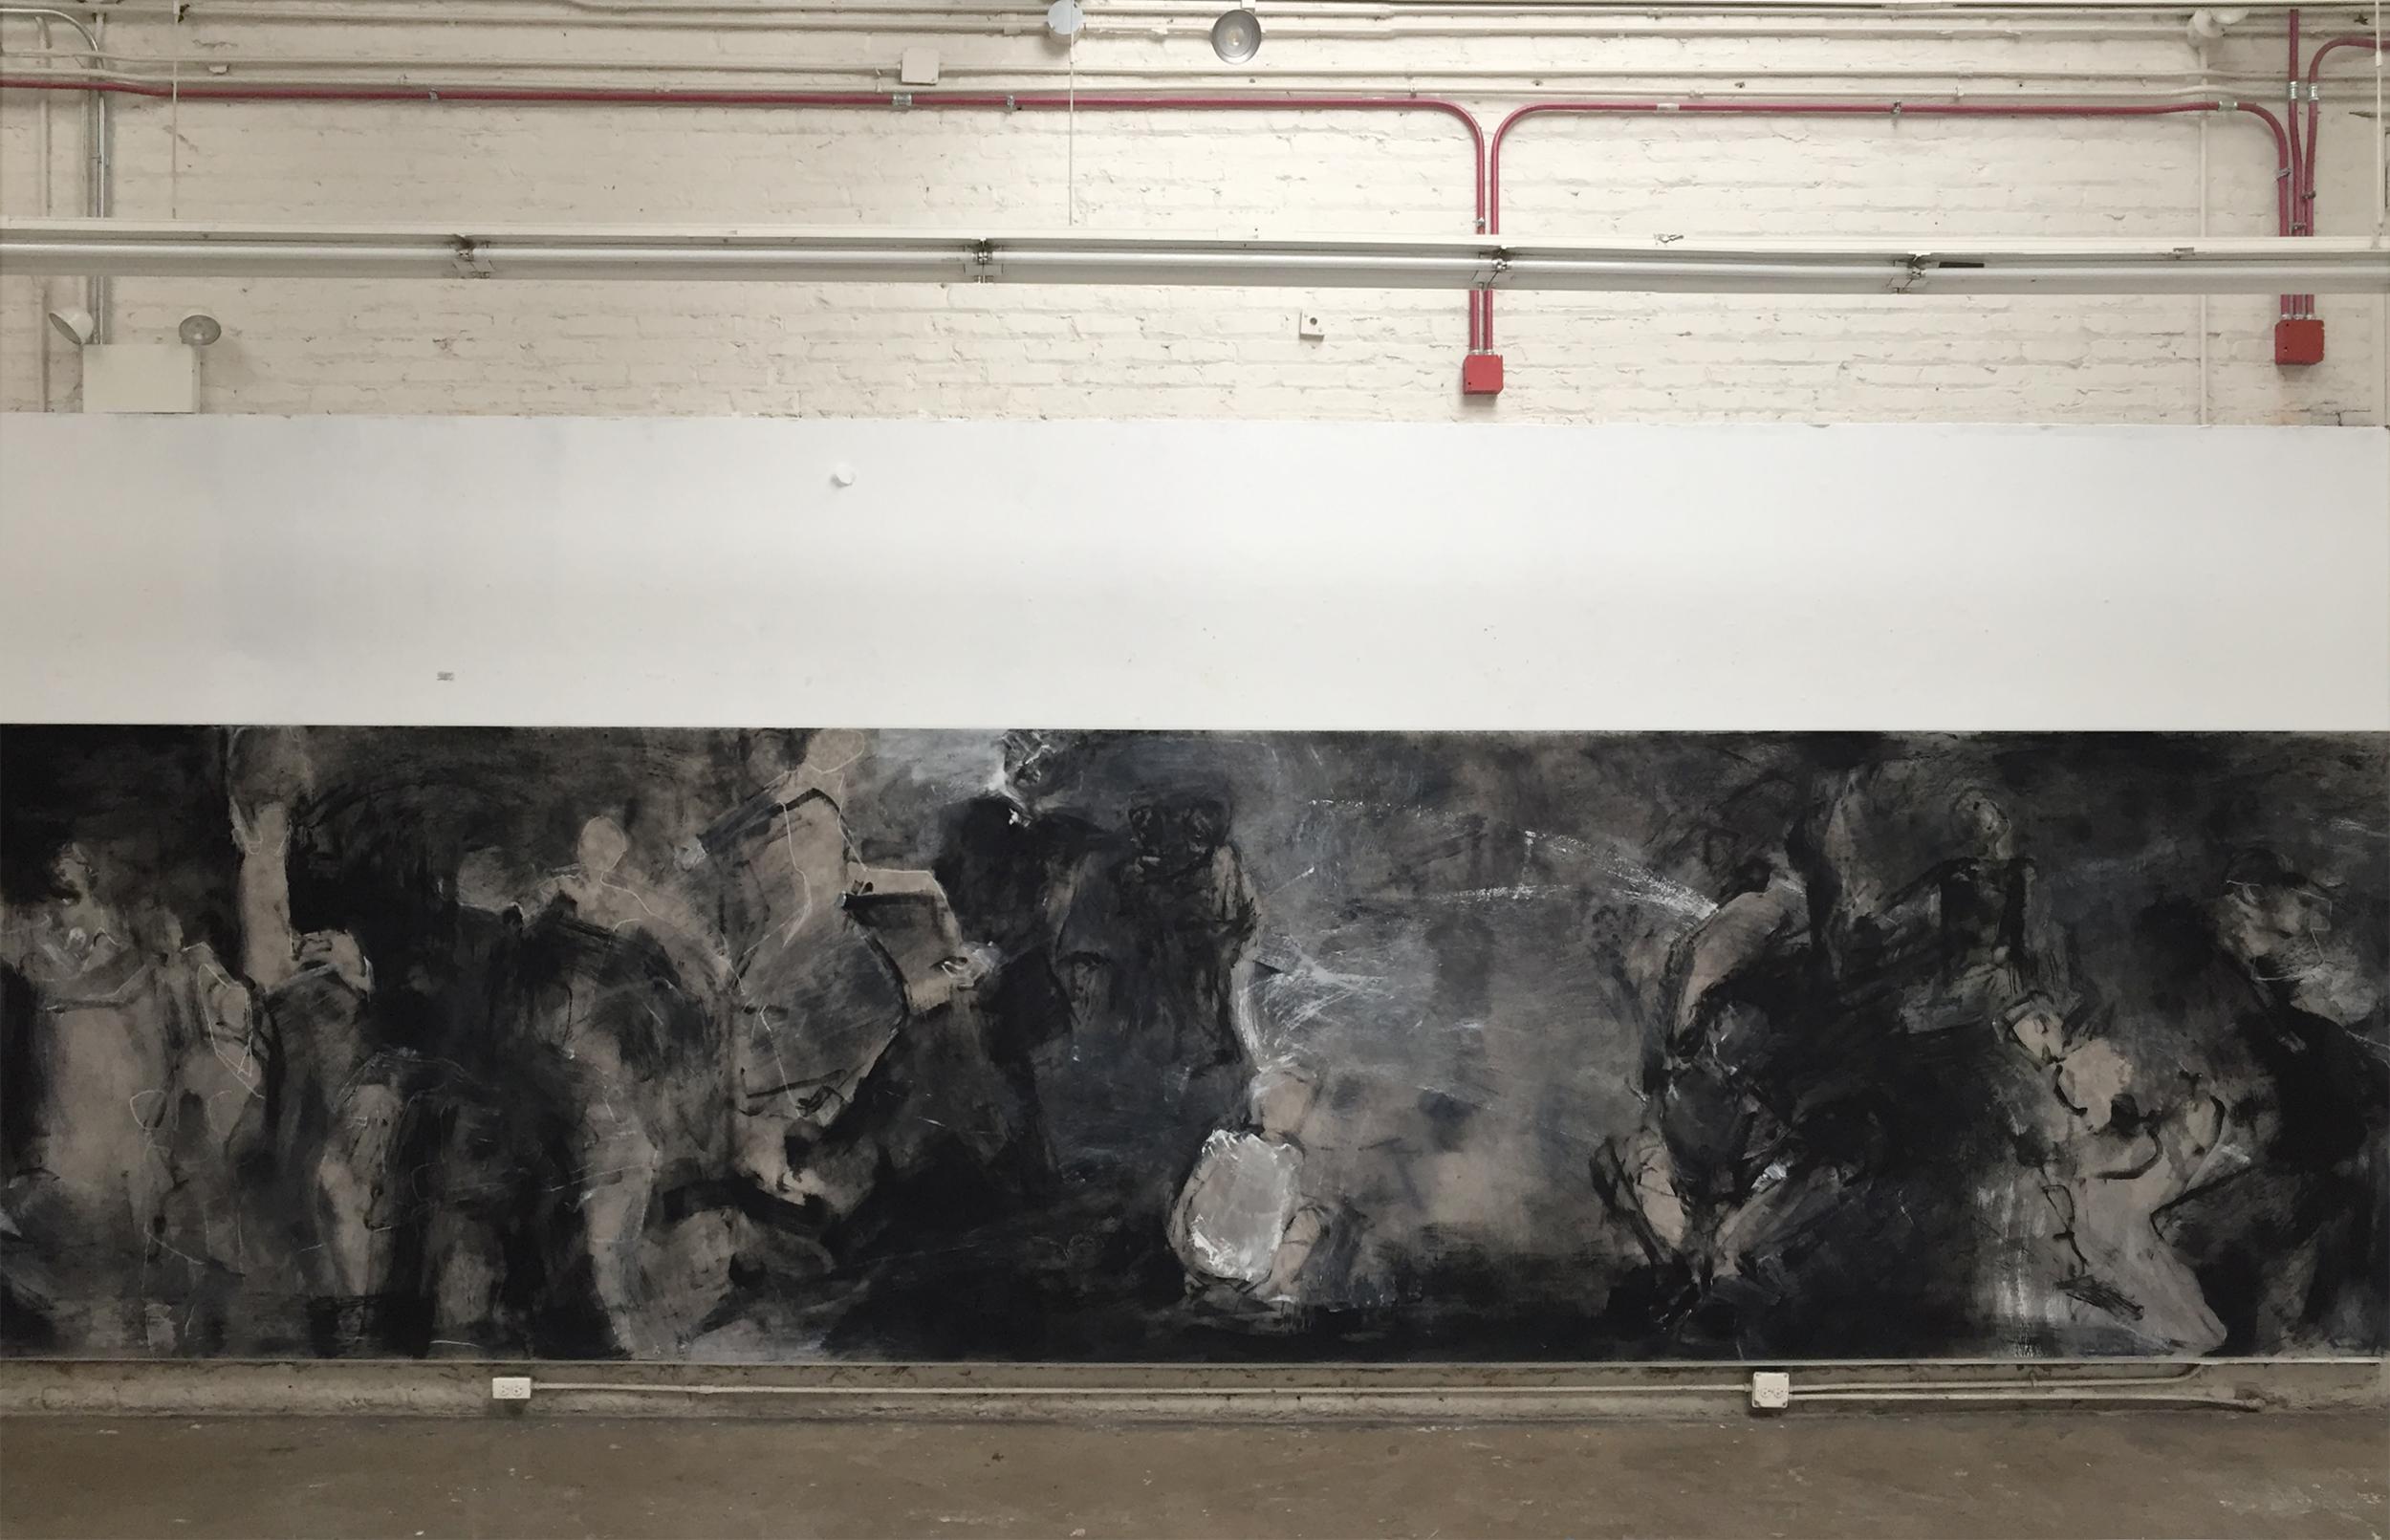 Varsbergs_Untitled_Mural.jpg